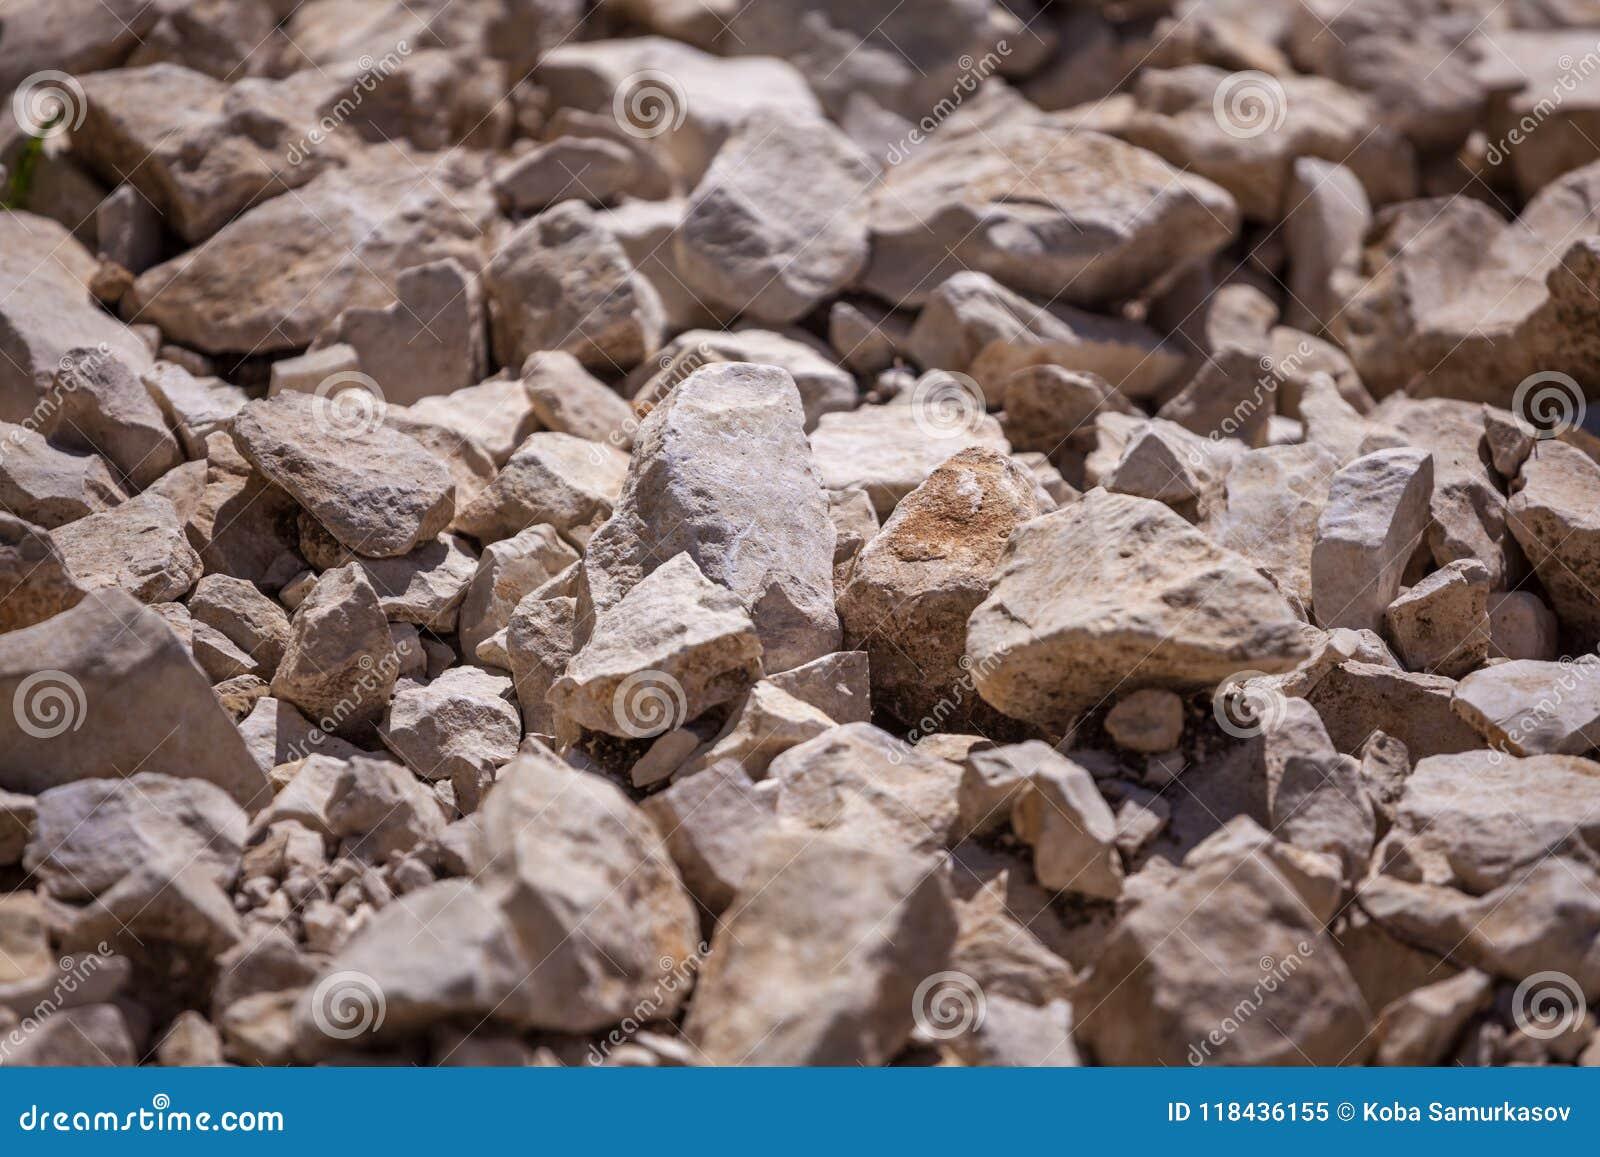 Βράχοι, μικρό βράχοι ή αμμοχάλικο που χρησιμοποιούνται για την οικοδόμηση των κτηρίων,